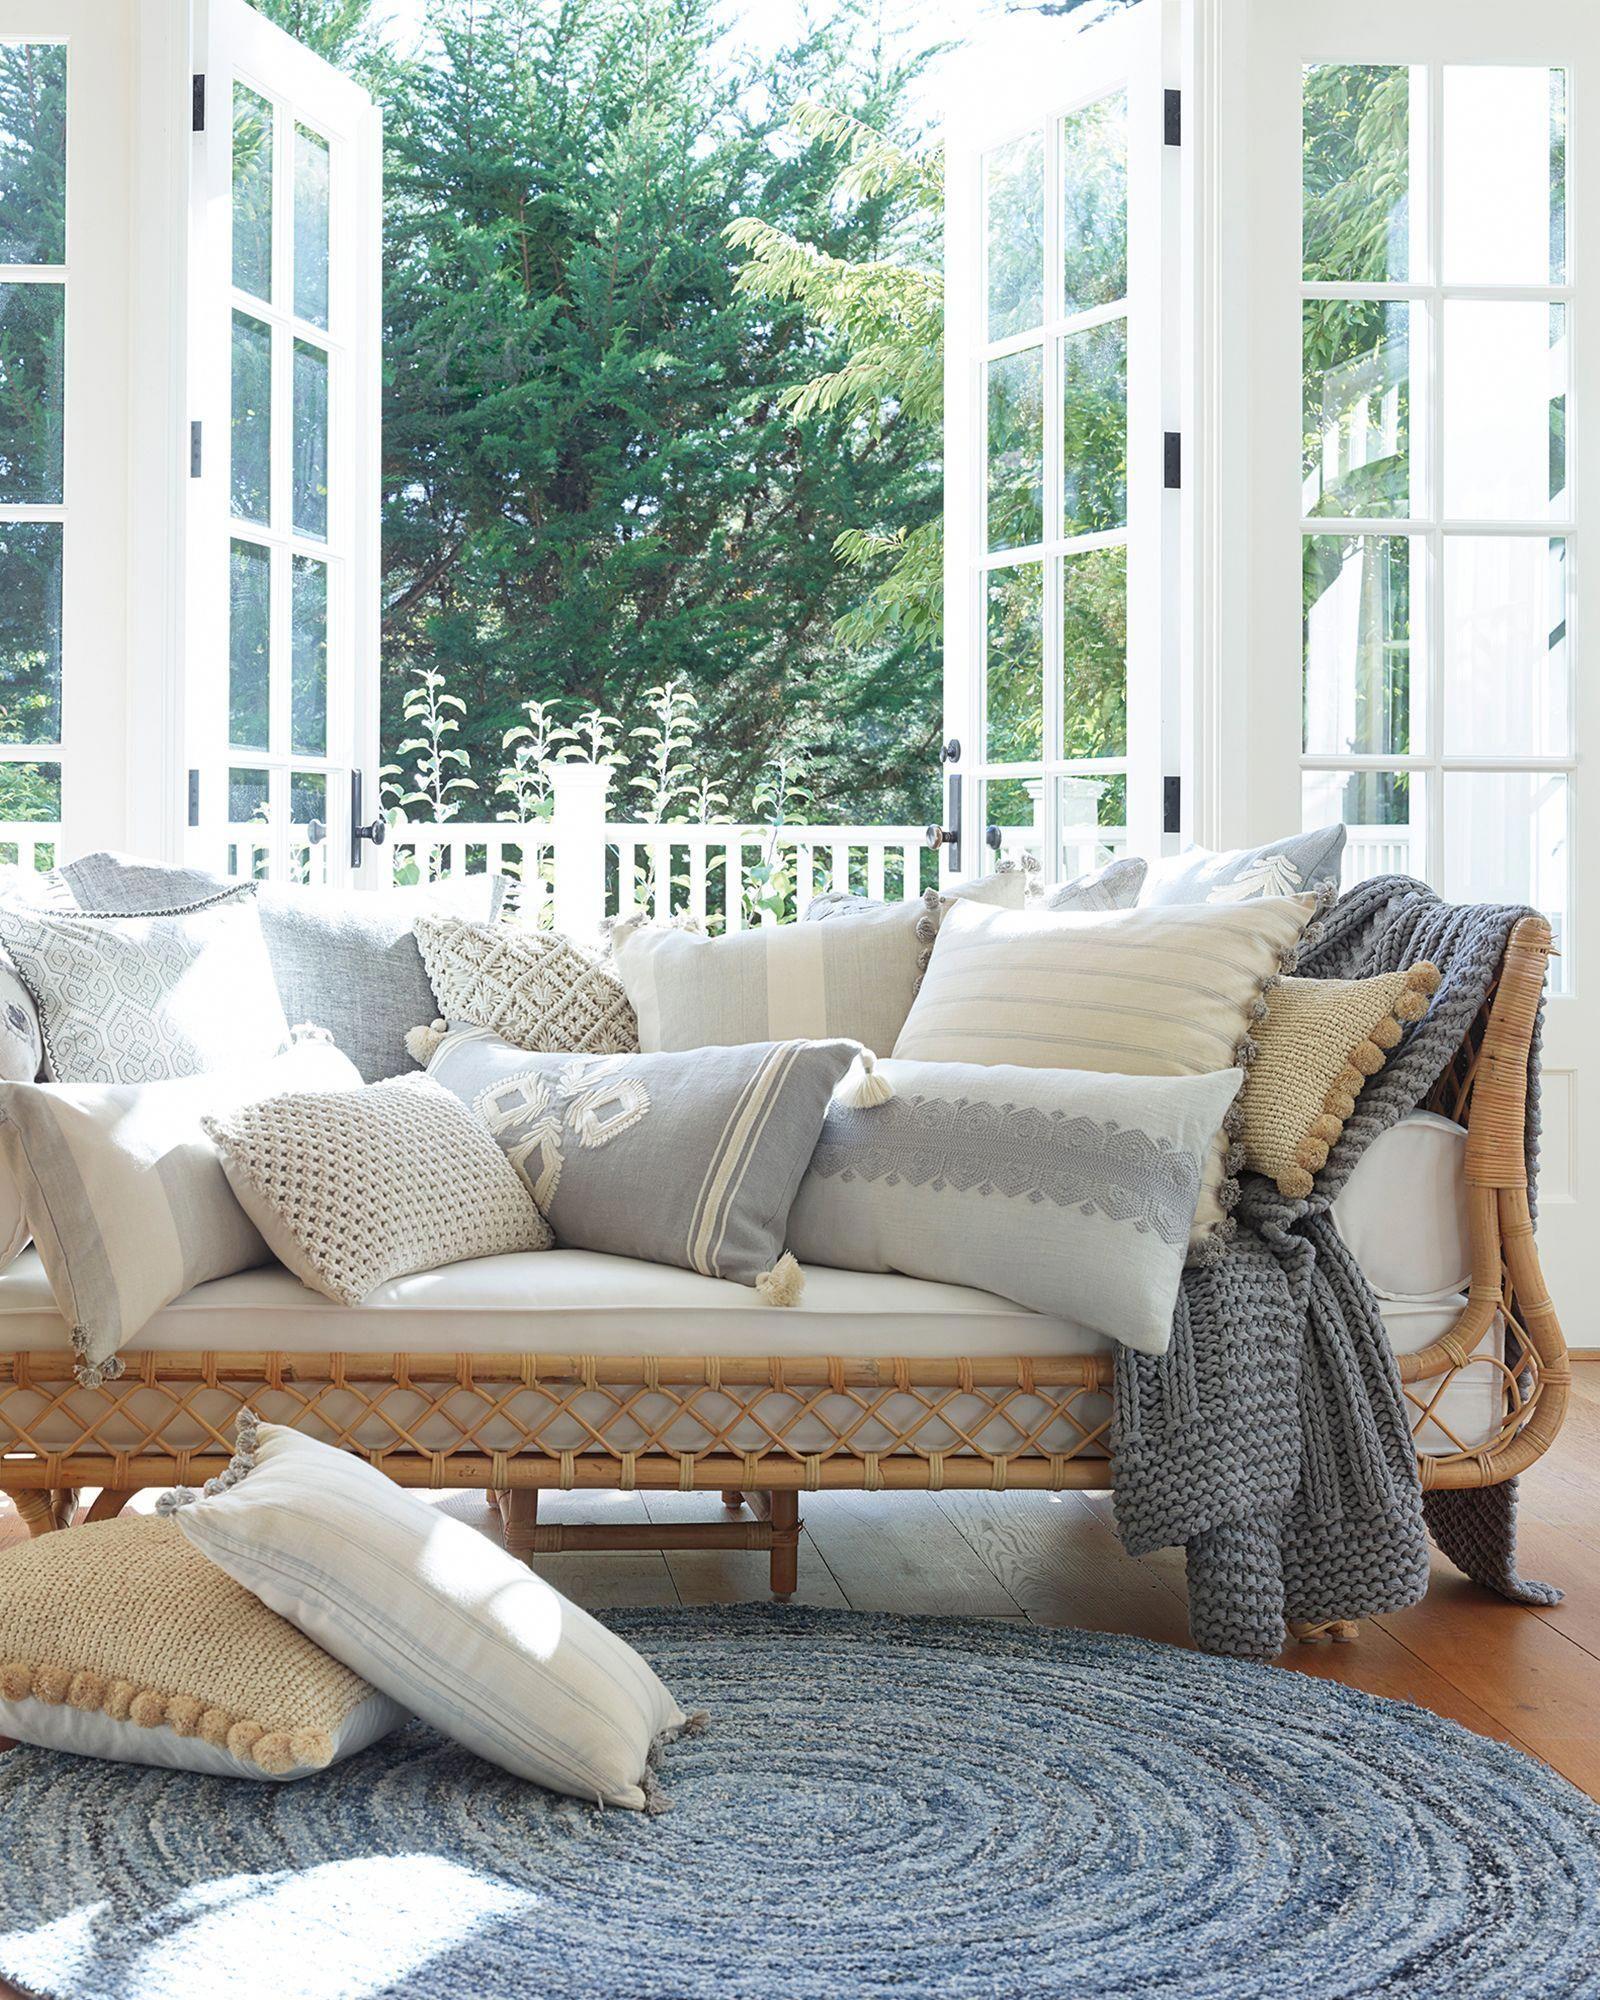 Beach Home Interior Design Ideas:  Beach House Themed Interior Design #BEACHHOUSEINTERIORS In